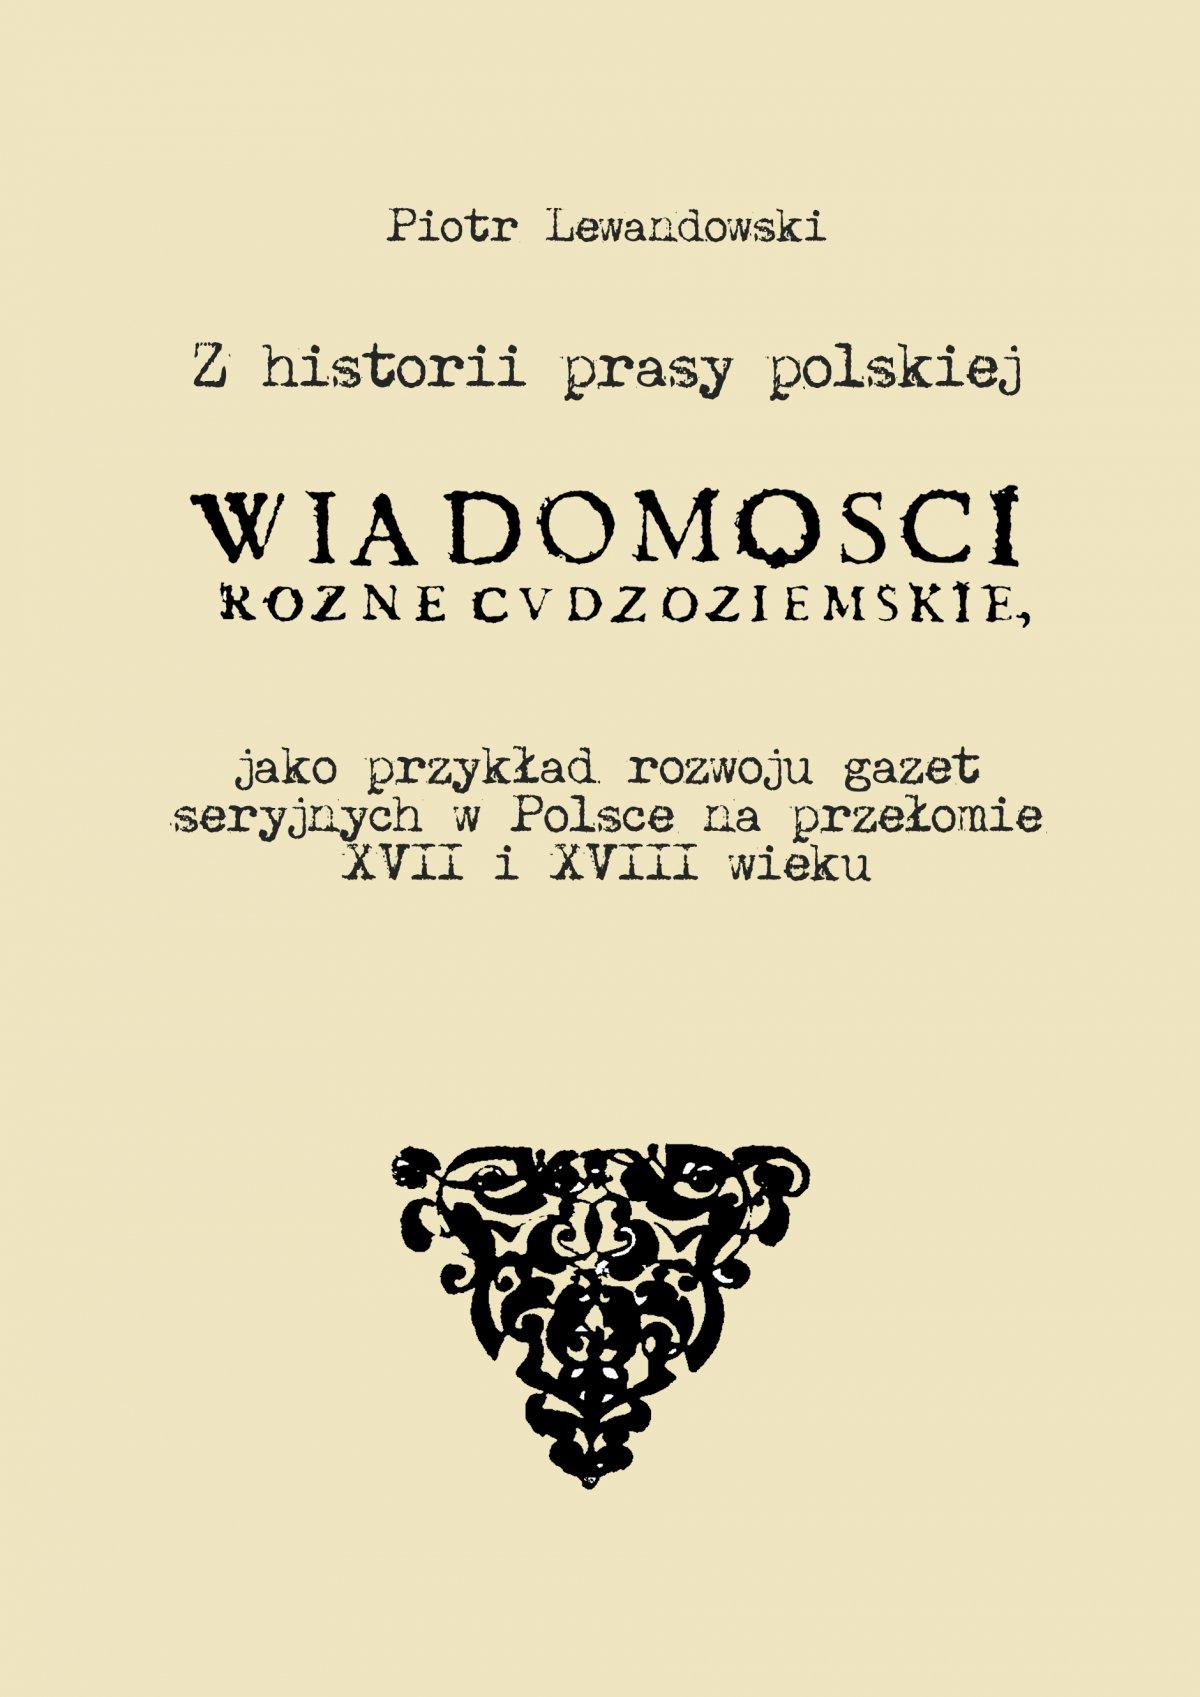 Z historii prasy polskiej - Ebook (Książka PDF) do pobrania w formacie PDF